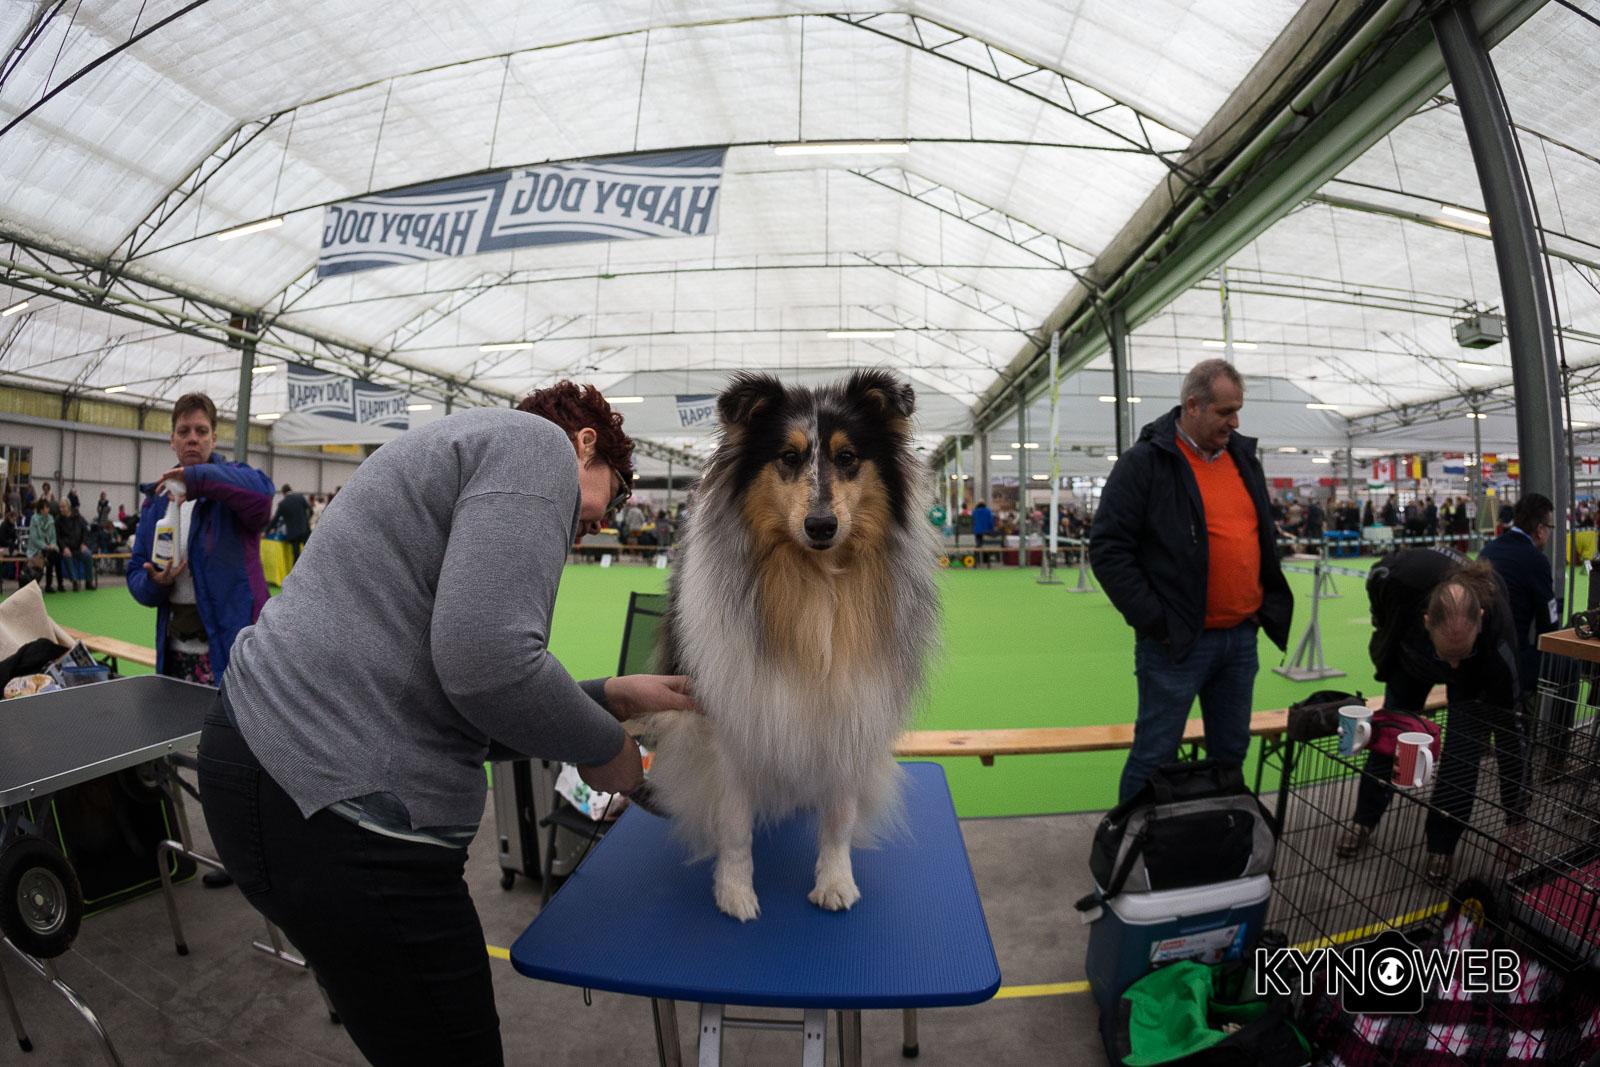 Dogshow_Rijland_2018_Kynoweb__20180317_09_22_45